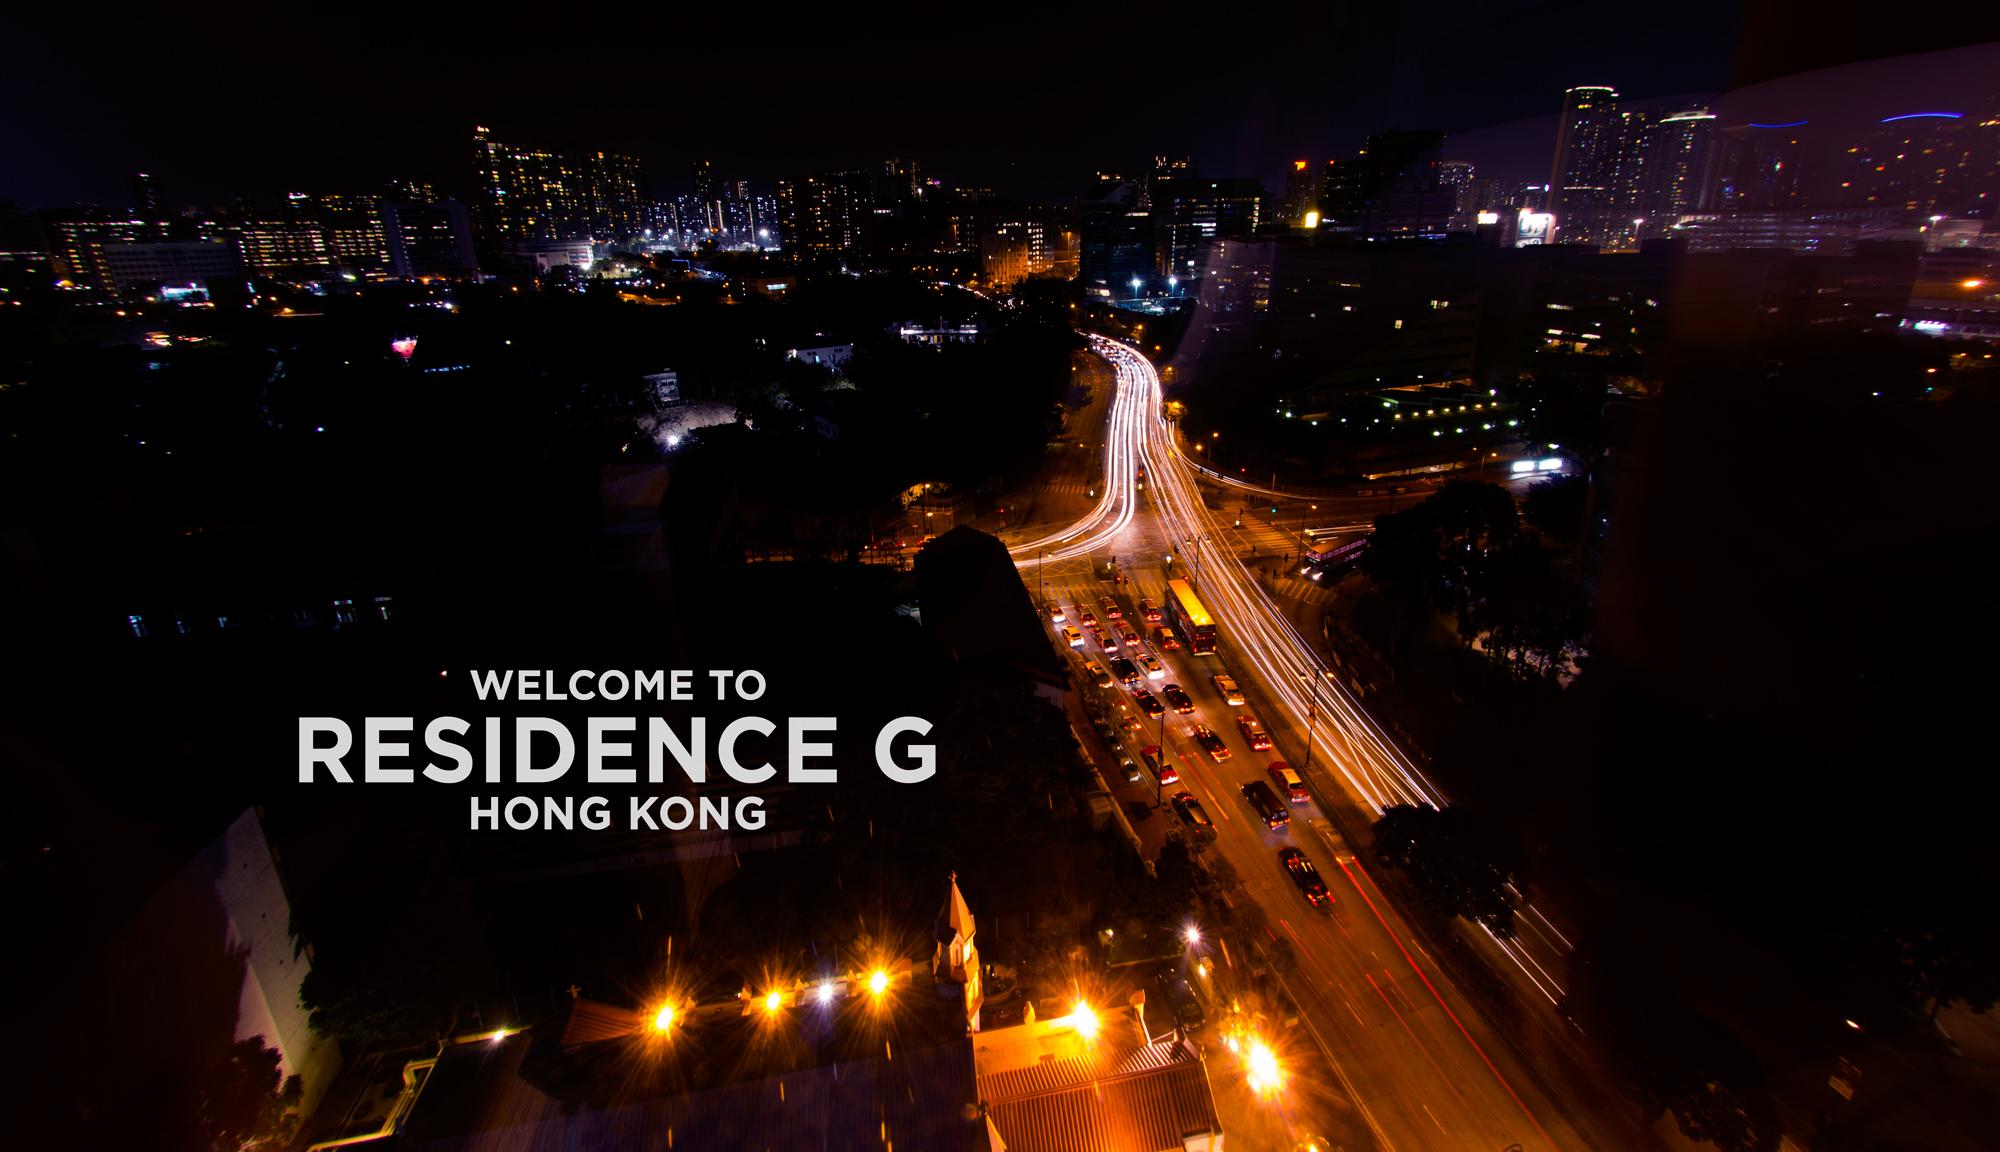 residence_g_0126